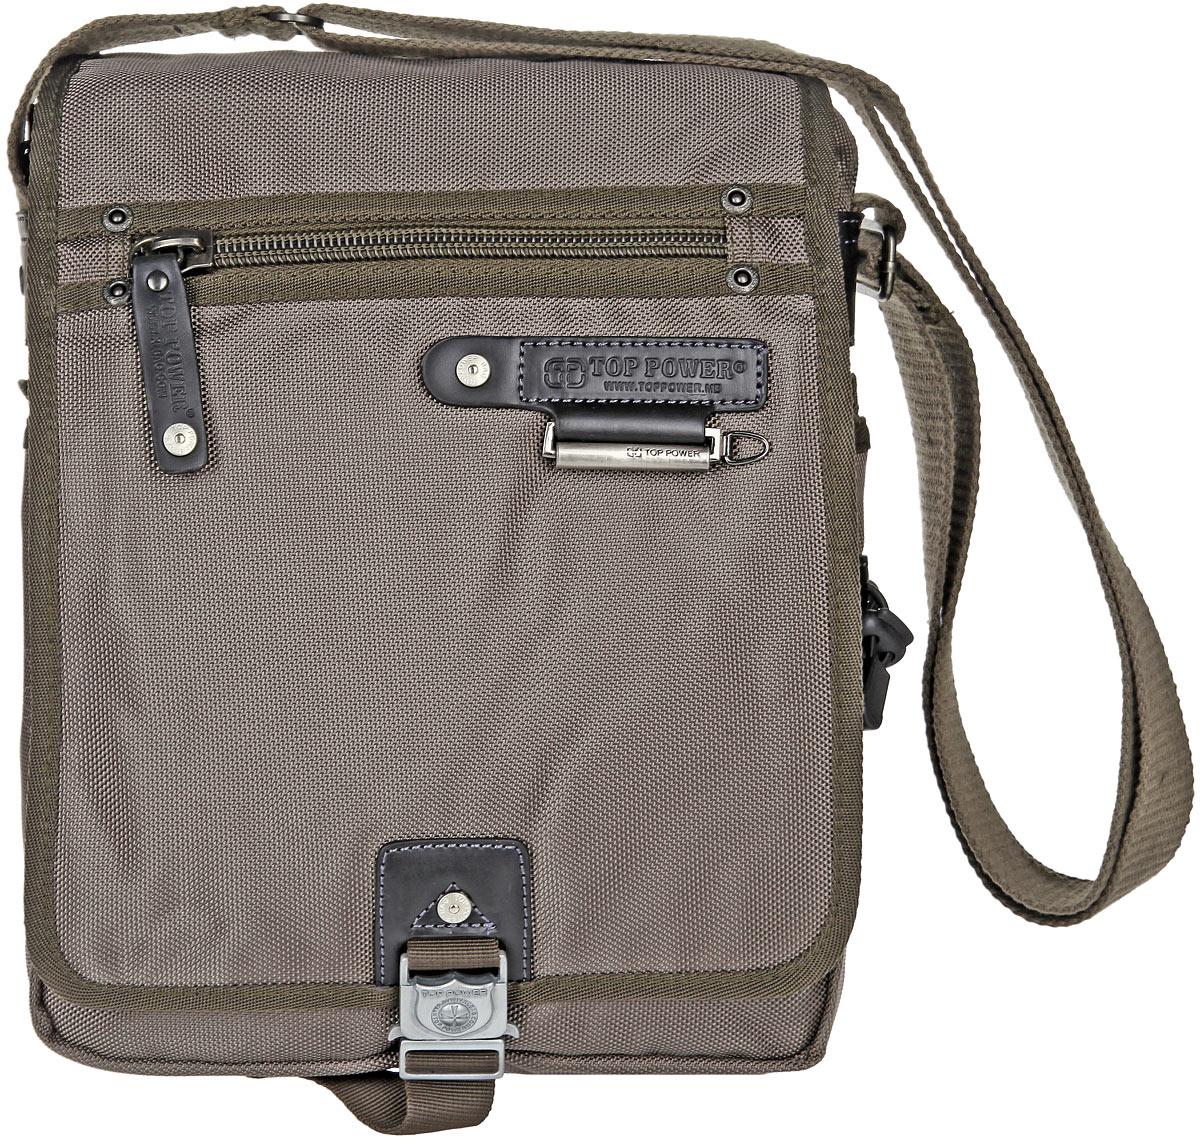 Сумка-планшет мужская Top Power, цвет: хаки. 1361 TP1361 TP khakiСтильная мужская сумка-планшет Top Power выполнена из плотного полиэстера и искусственной кожи. Сумка имеет одно основное отделение, закрывающееся на застежку-молнию. Внутри находится прорезной карман на застежке-молнии, карман для планшета на застежке-липучке, два накладных открытых кармана, два держателя для авторучек и накладной карман, закрывающийся на клапан с застежкой-липучкой. Закрывается изделие на клапан с застежкой-липучкой и дополнительно на застежку-защелку. На передней стенке, под клапаном, находится накладной карман на застежке-молнии, прорезной карман на застежке-молнии и накладной карман на застежке-липучке. Внешняя сторона клапана оснащена прорезным карманом на застежке-молнии. На задней стенке сумки расположен дополнительный прорезной карман на застежке-молнии. По бокам предусмотрены накладные карманы на застежках-липучках. Сумка оснащена текстильным плечевым ремнем регулируемой длины. Стильная сумка - необходимый аксессуар для современного мужчины.